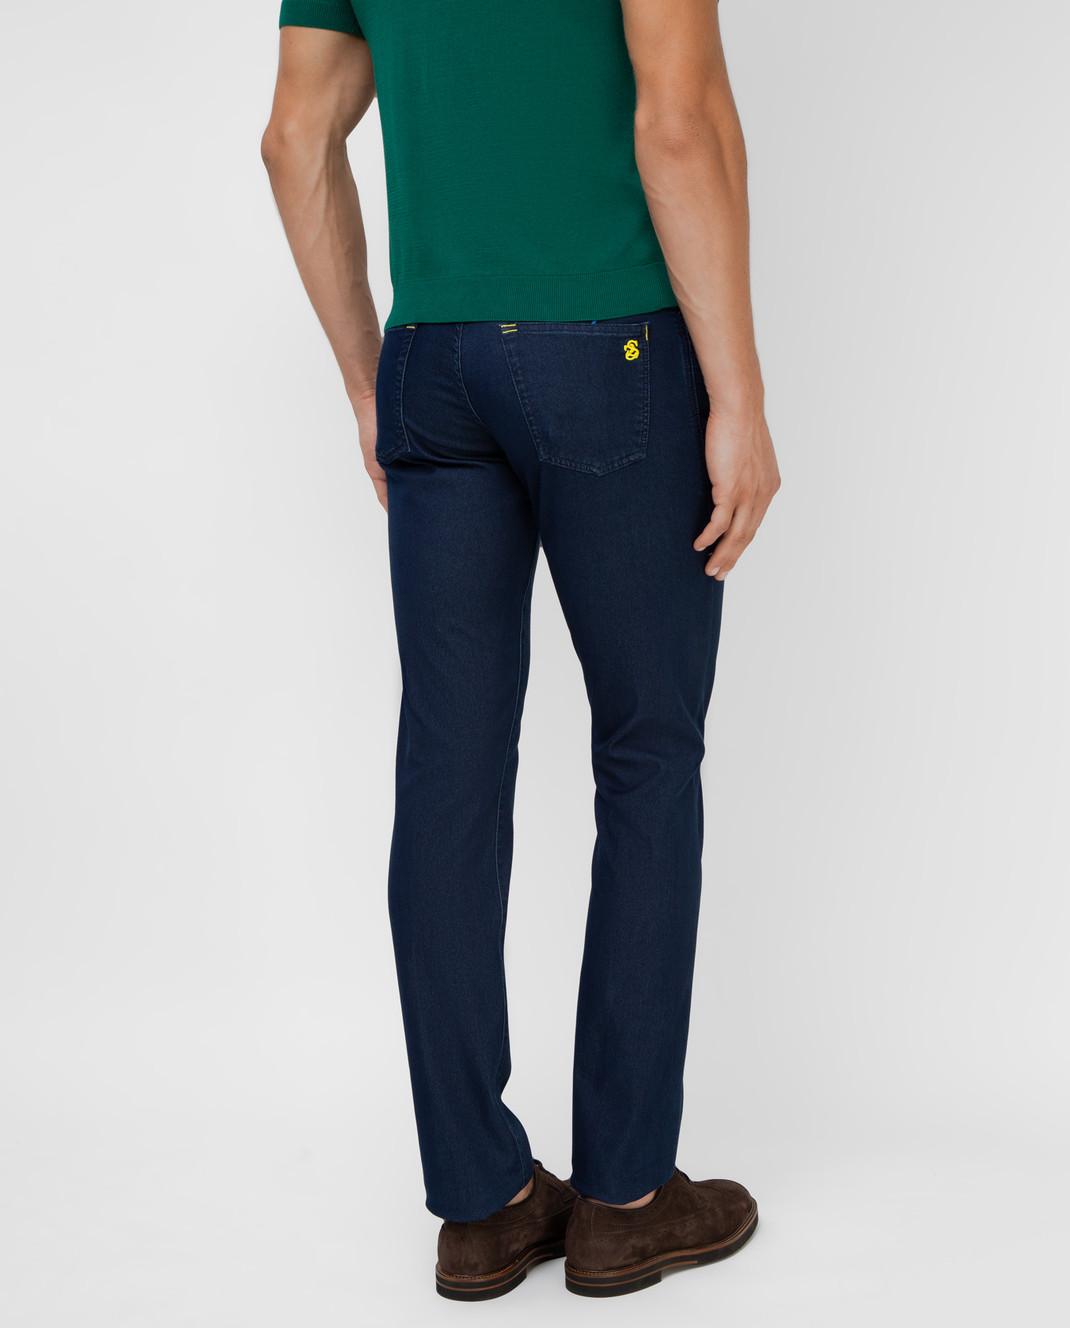 Scissor Scriptor Темно-синие джинсы изображение 4